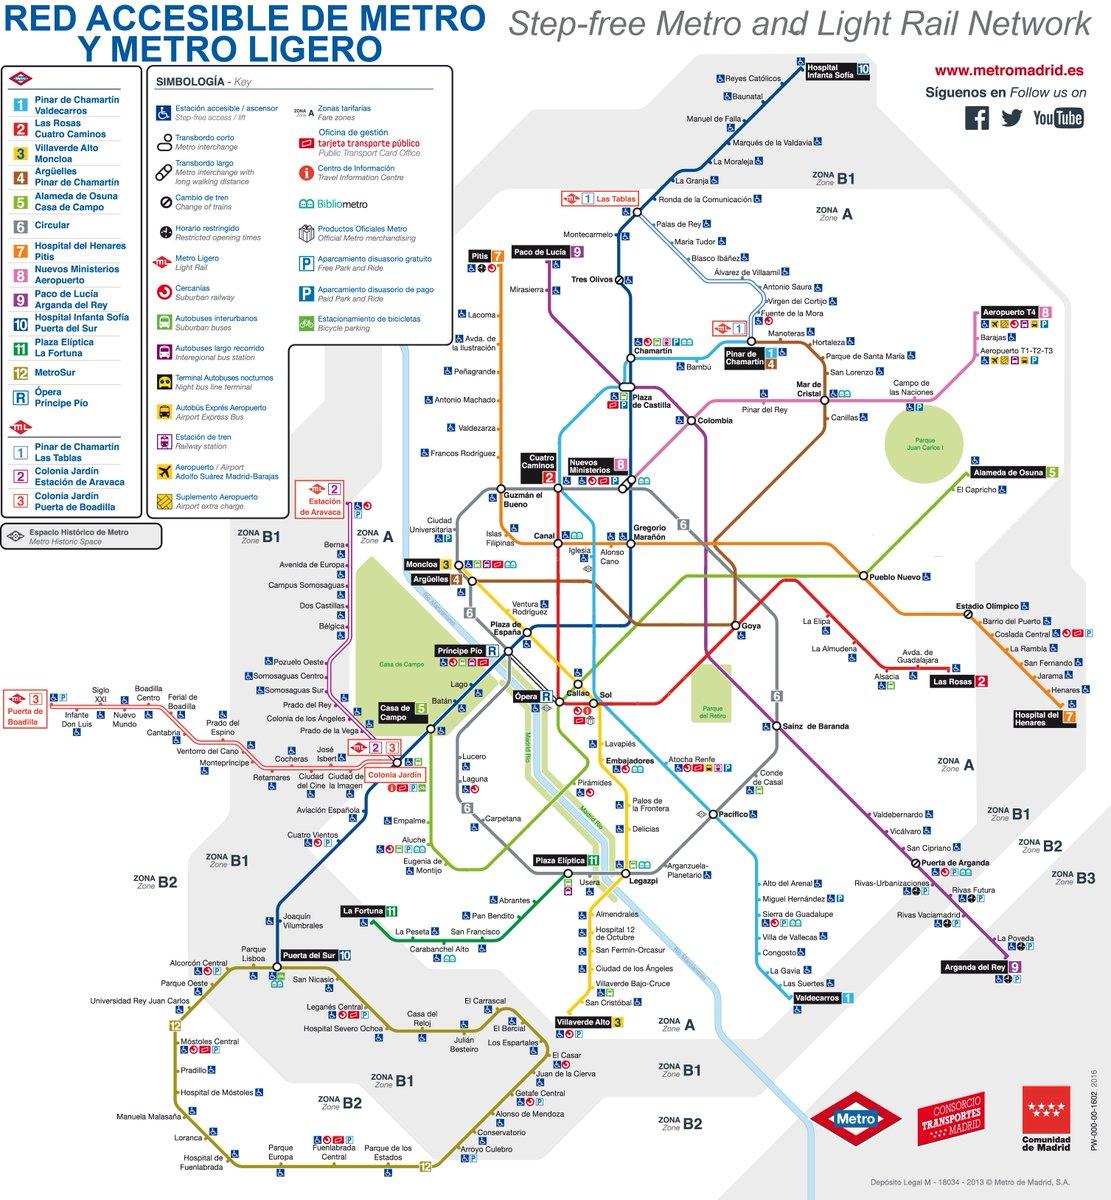 Para alguien que no puede subir escalones la red de @metro_madrid presenta este aspecto https://t.co/bgWIrI2YqB